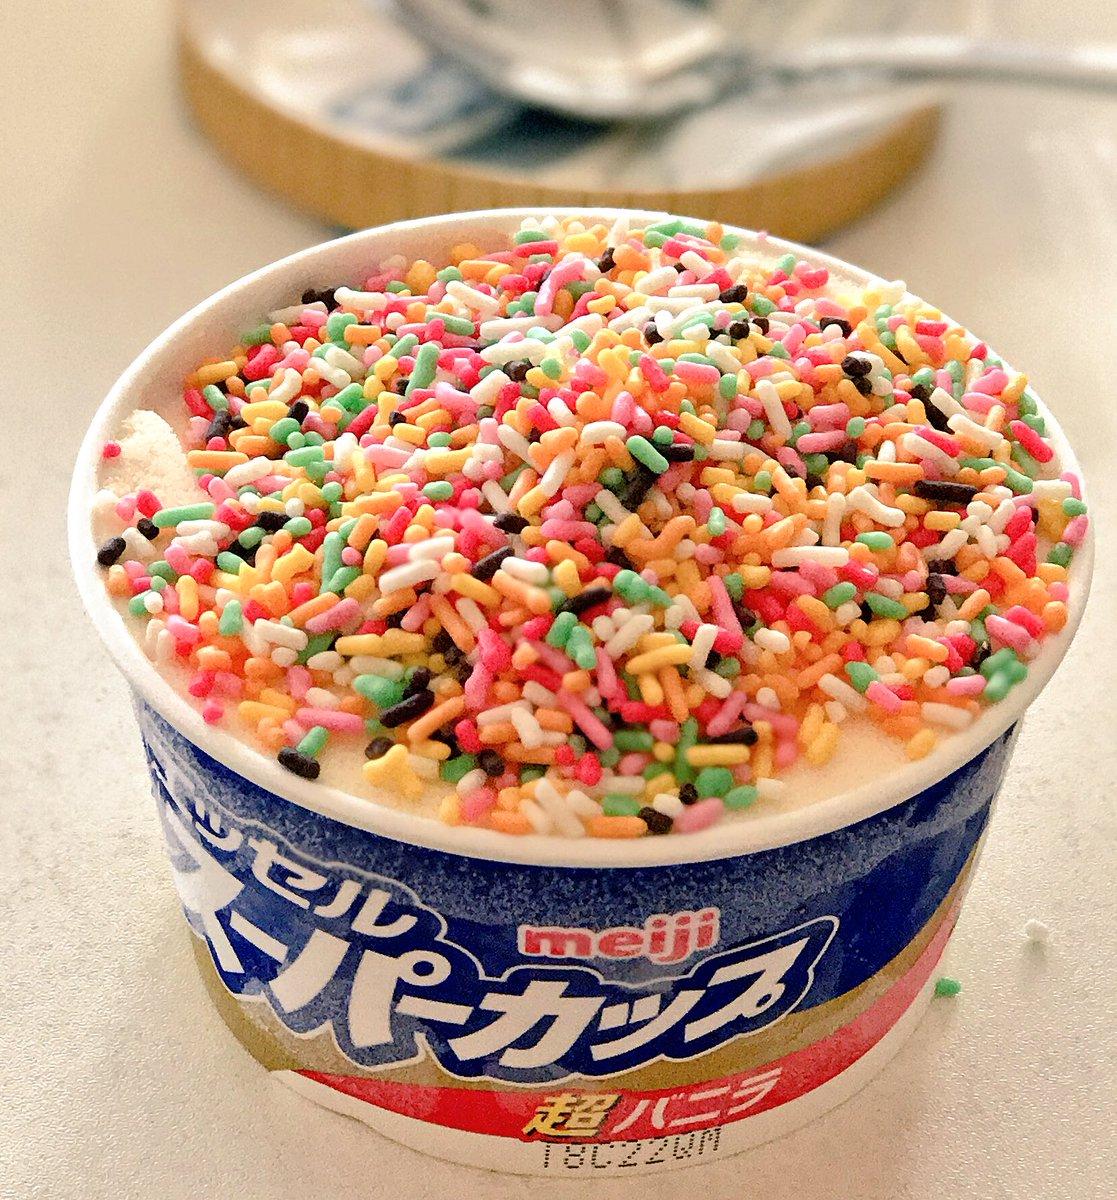 子供の夢も大人は一瞬?wwアイスクリームにミックスチョコレートかけると美味しそうww